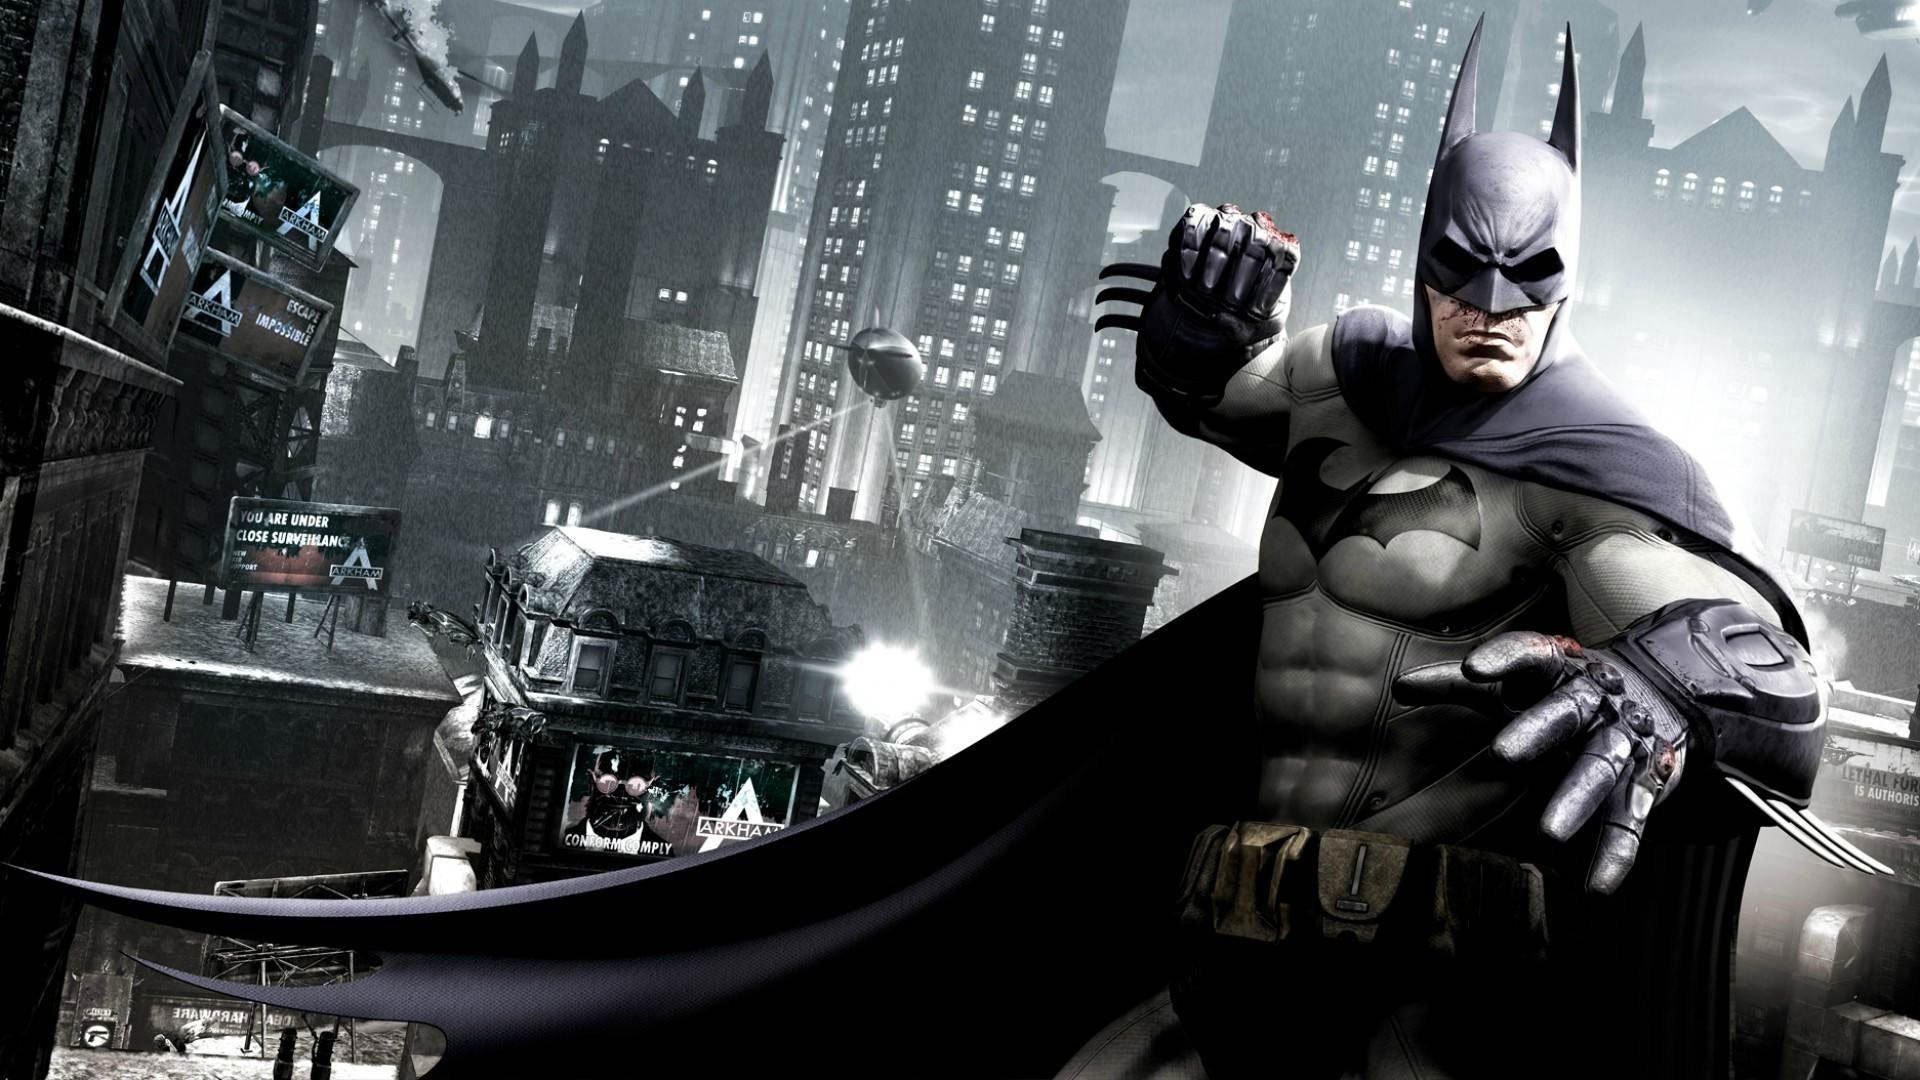 Batman Arkham Origins 1080p Wallpaper 1920x1080